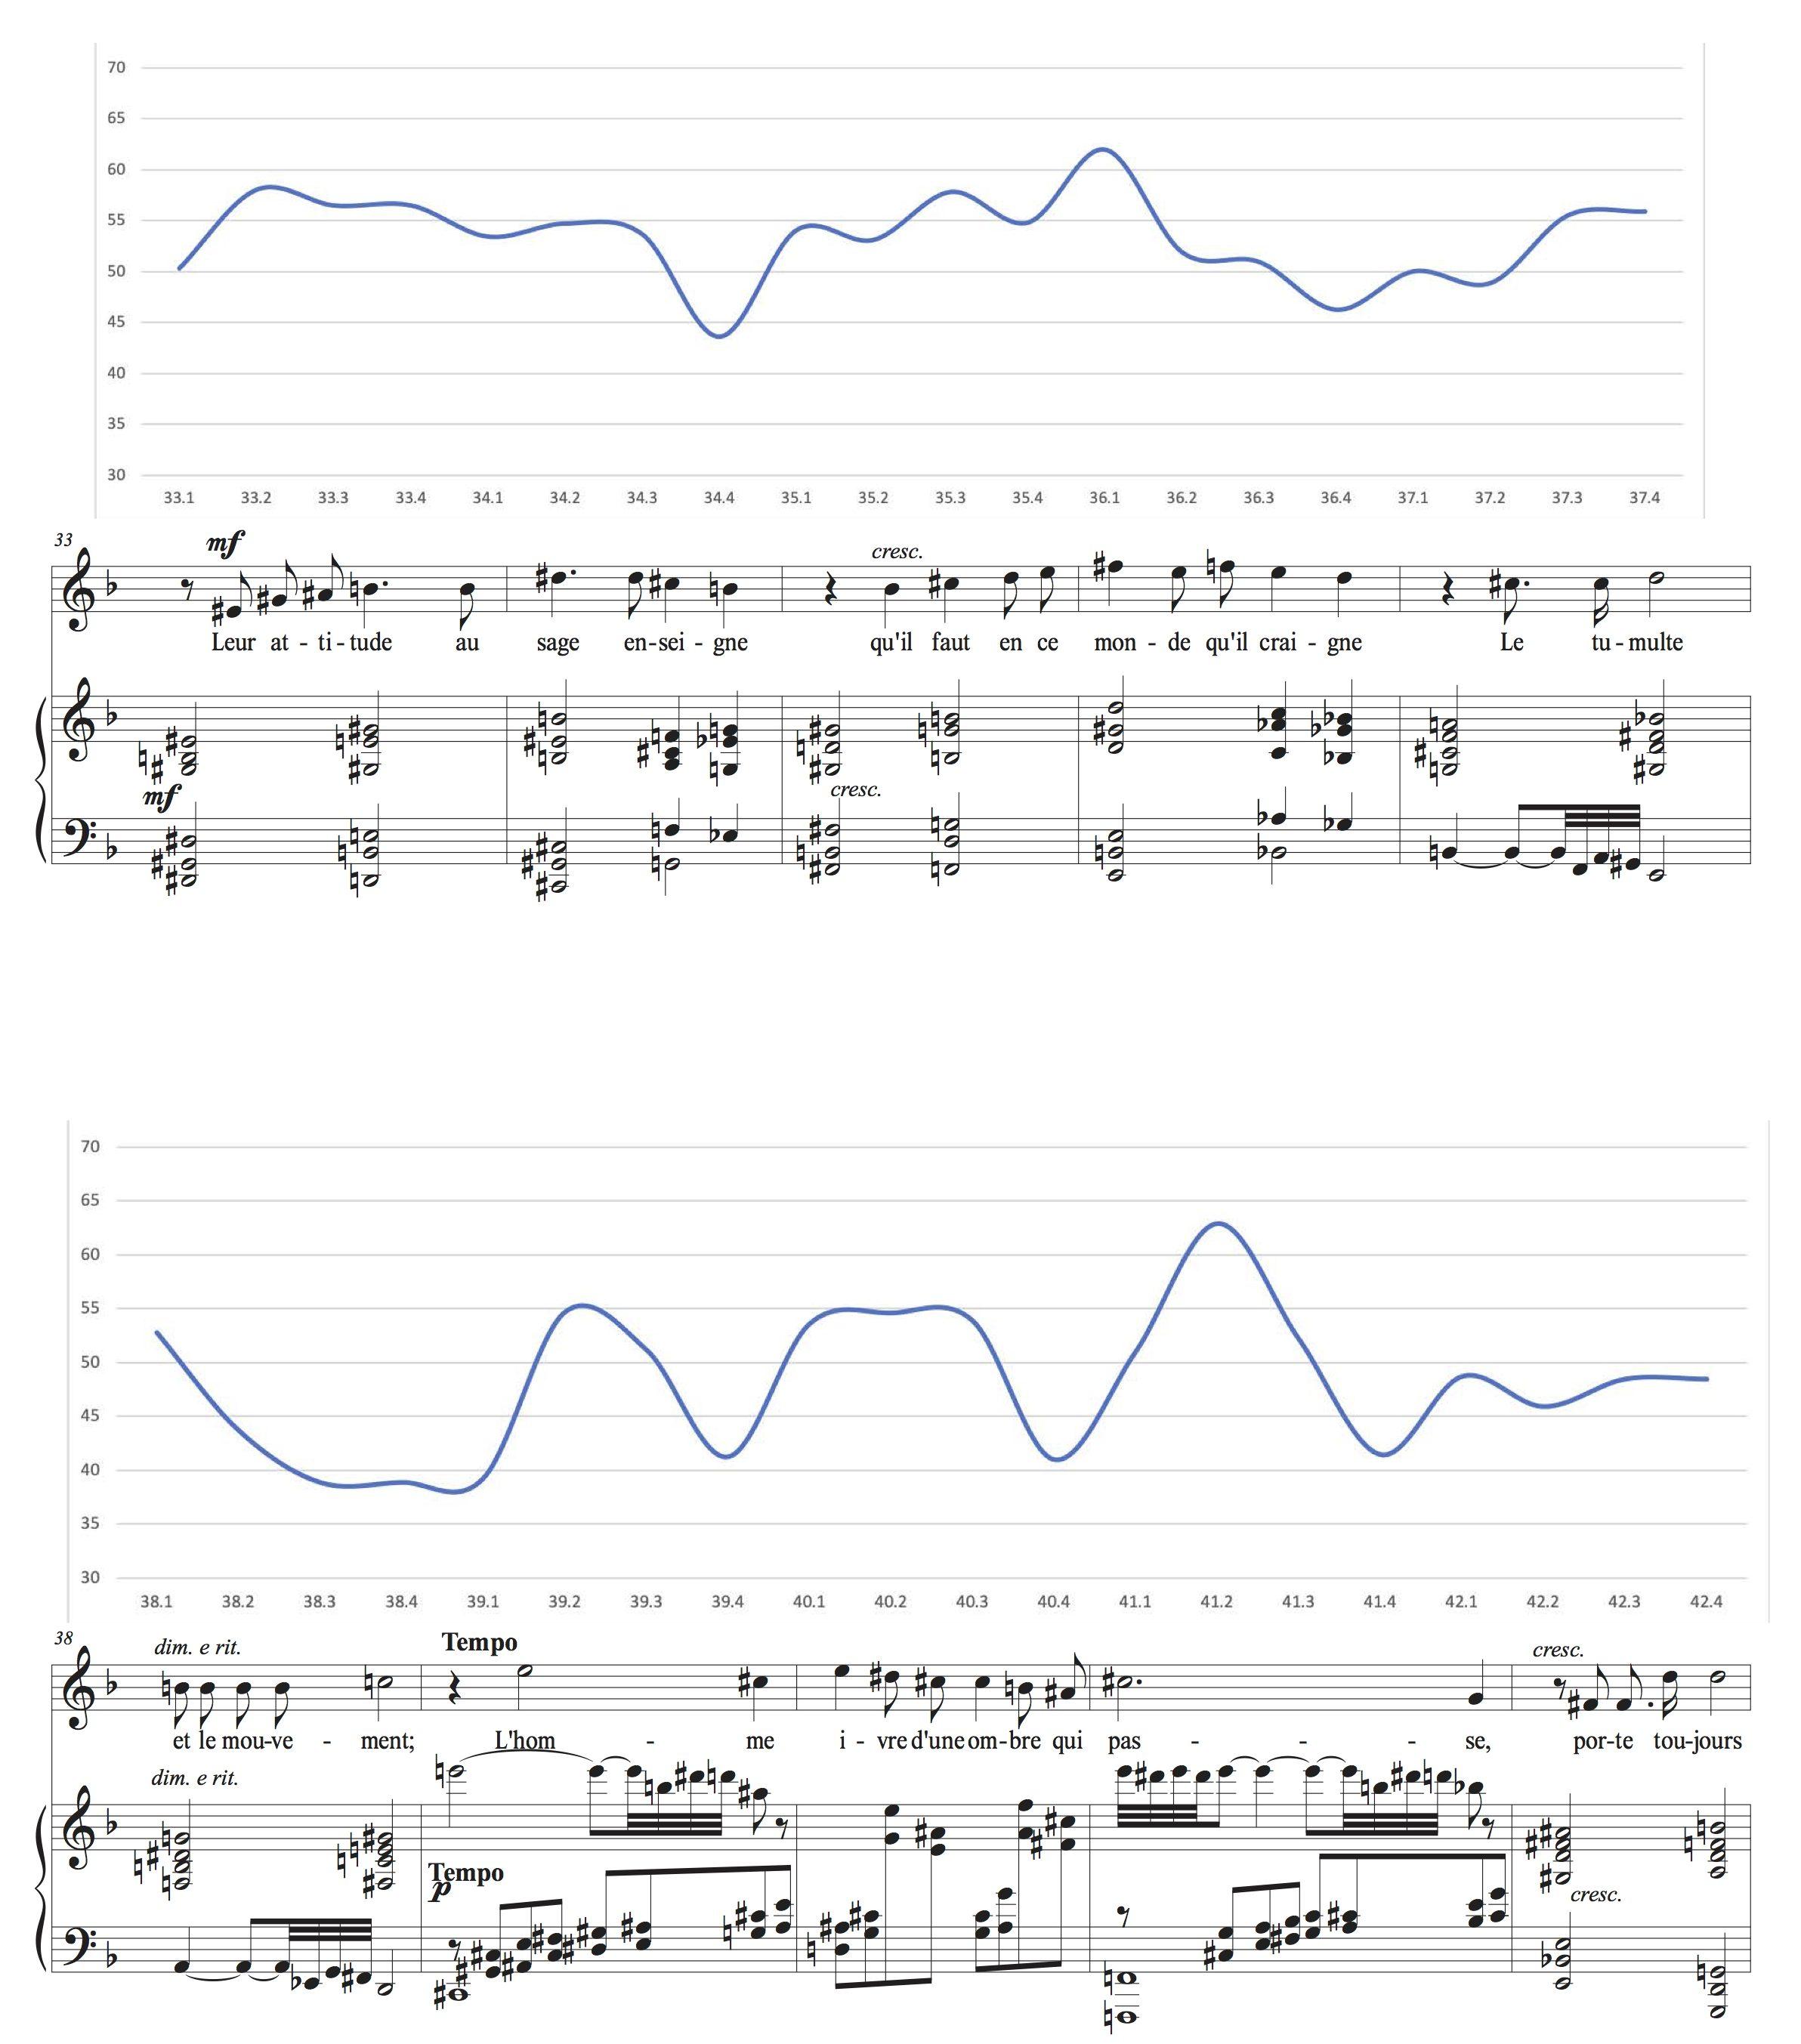 Annexe: Les courbes de tempo mises en relation avec la partition, p. 4.